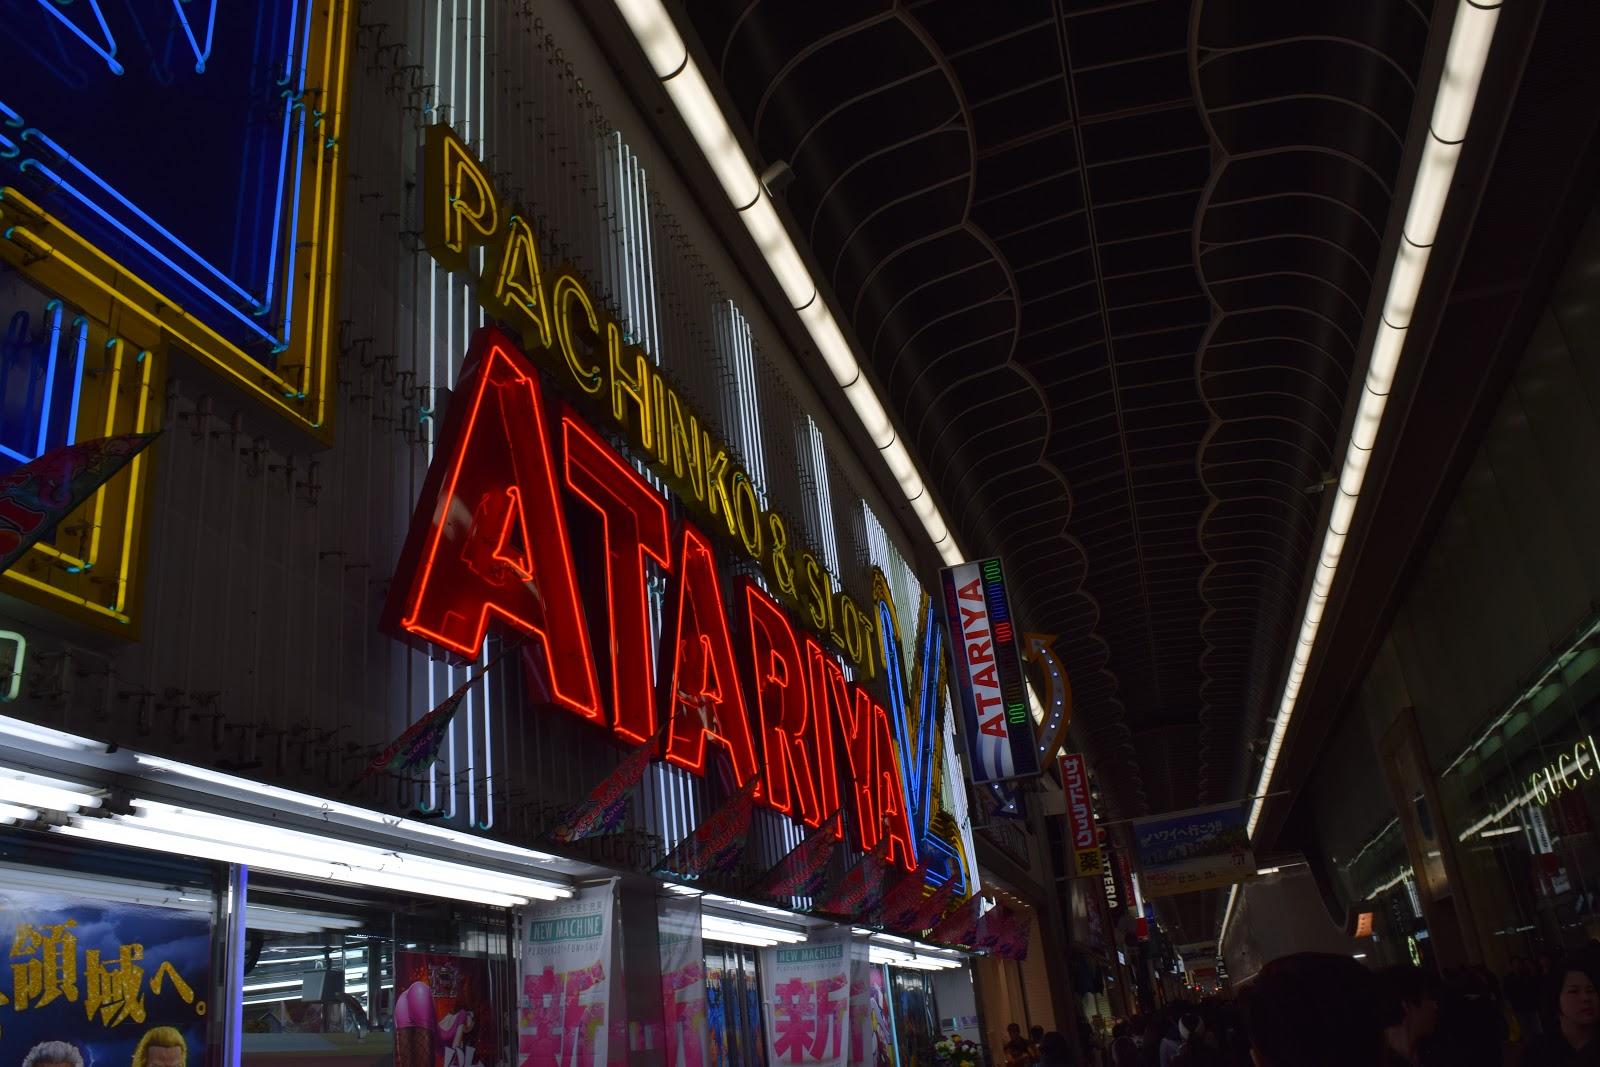 neon pachinko signs in namba, osaka